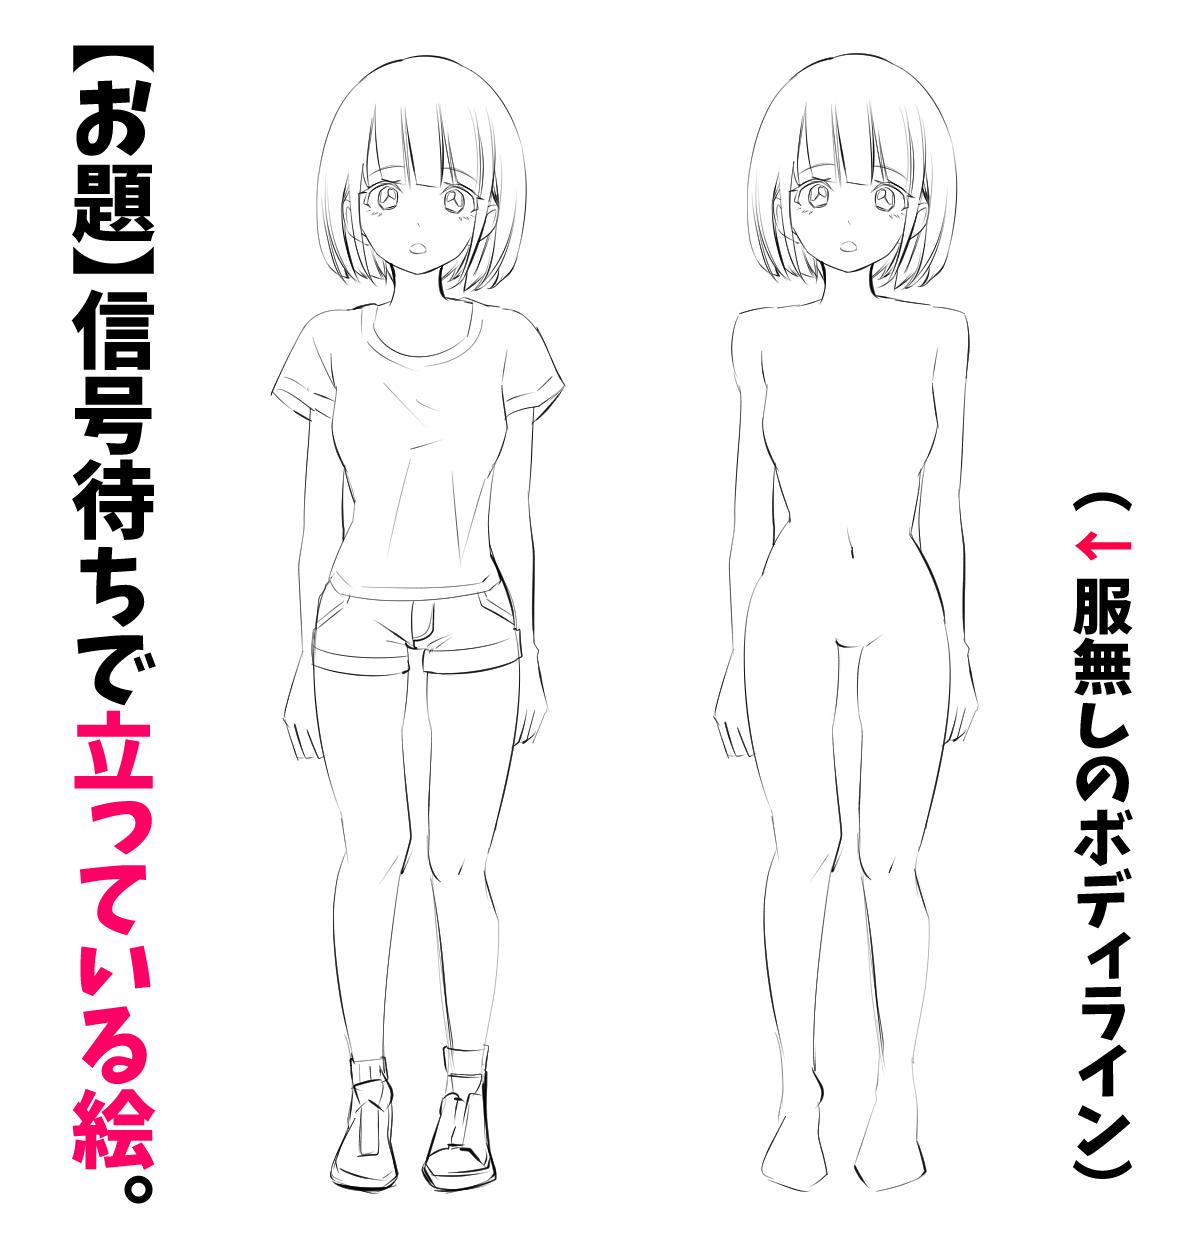 体の描き方 模写のコツ 上達法